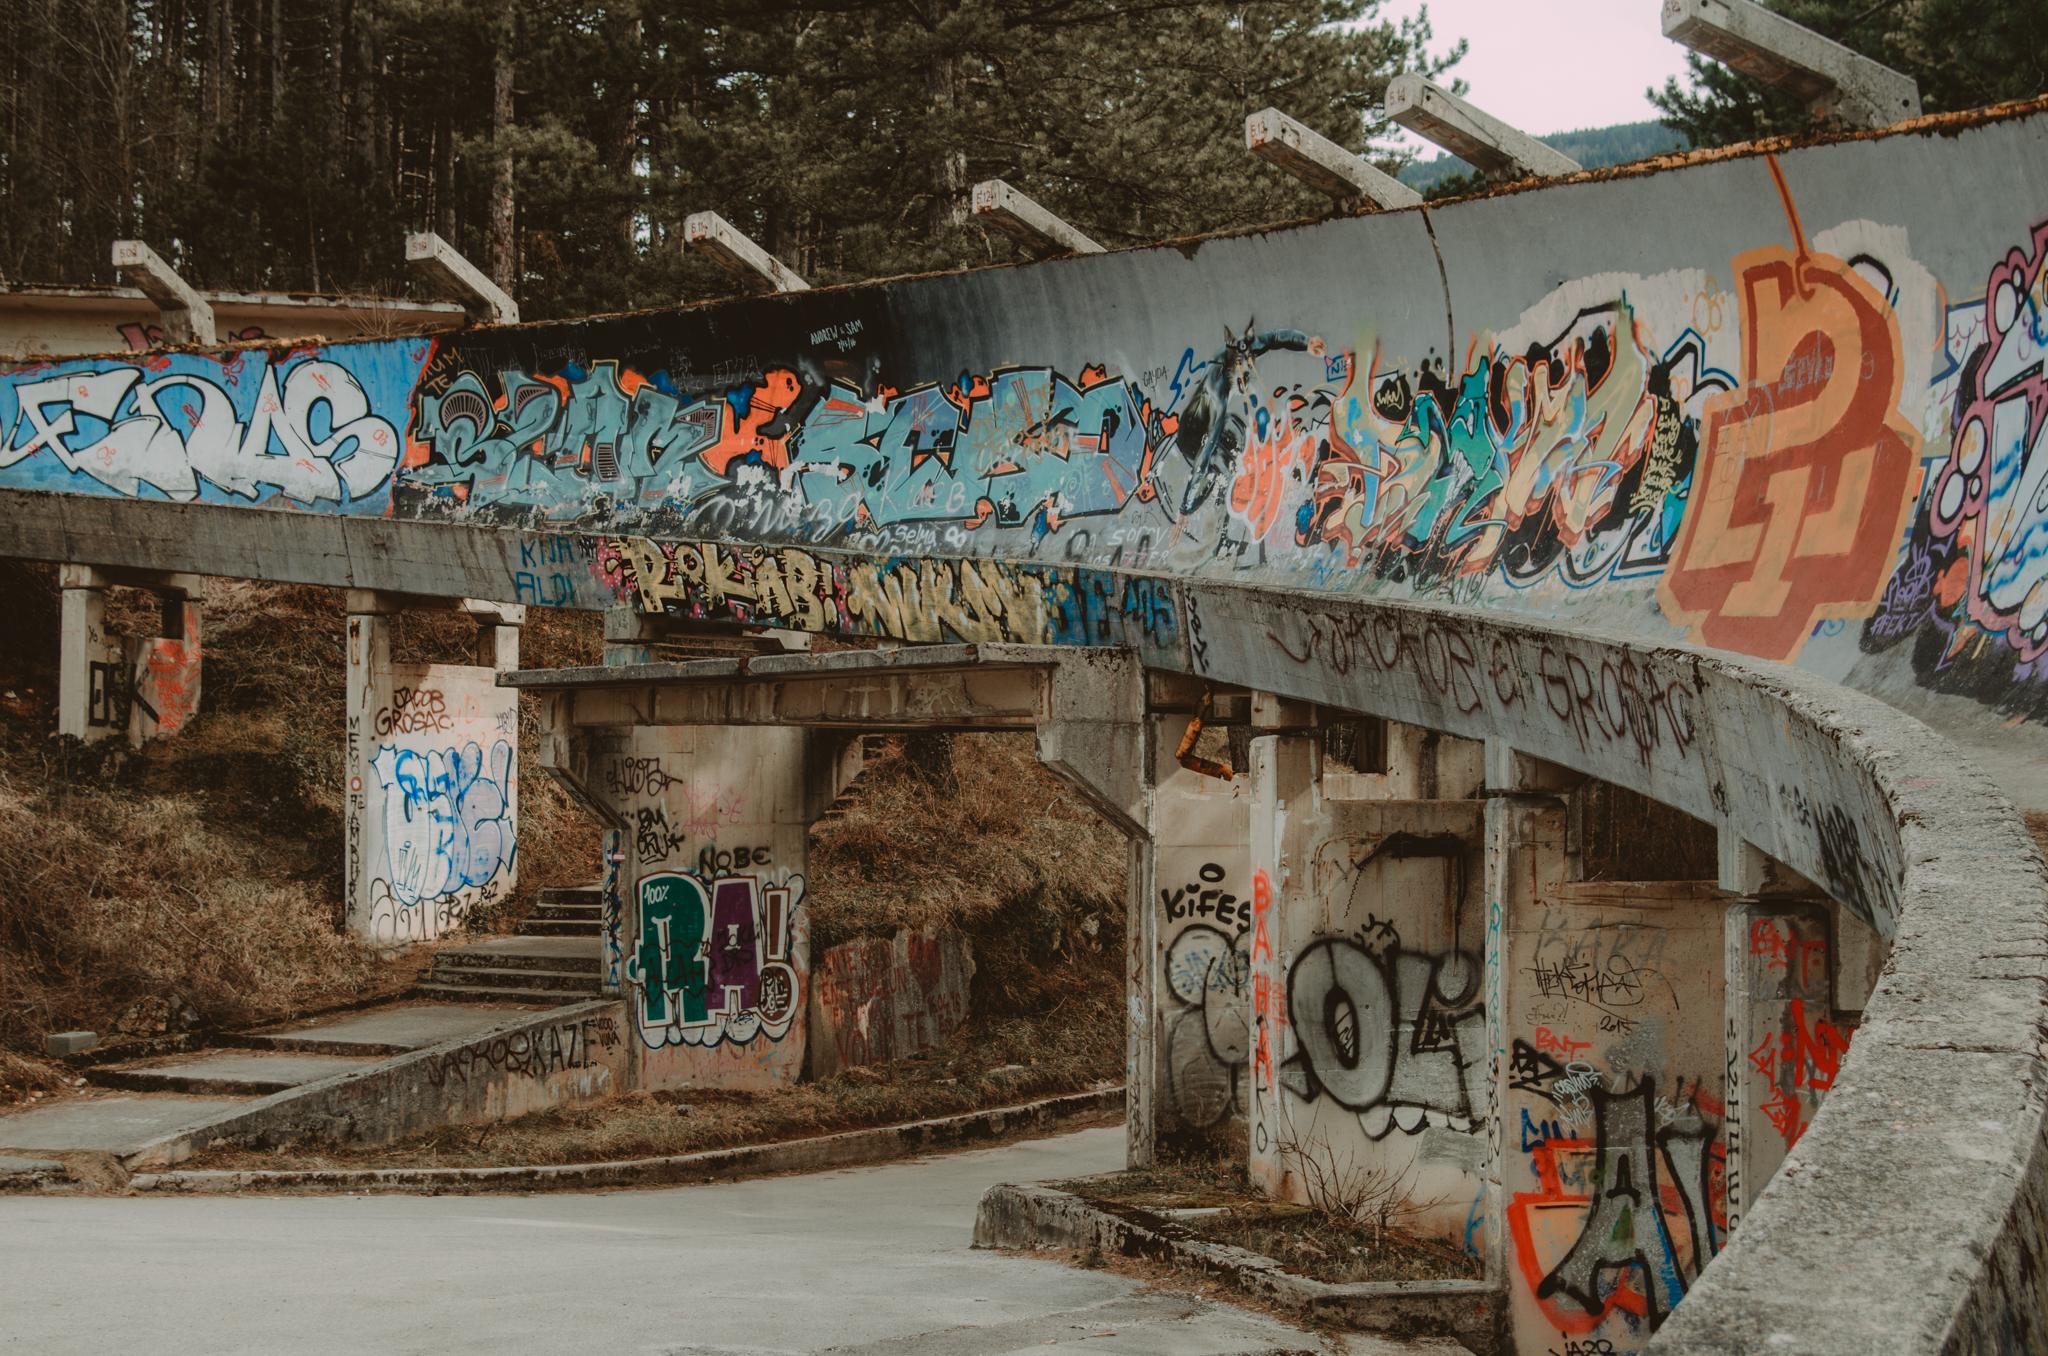 sarajewo-opuszczony-tor-bobslejowy